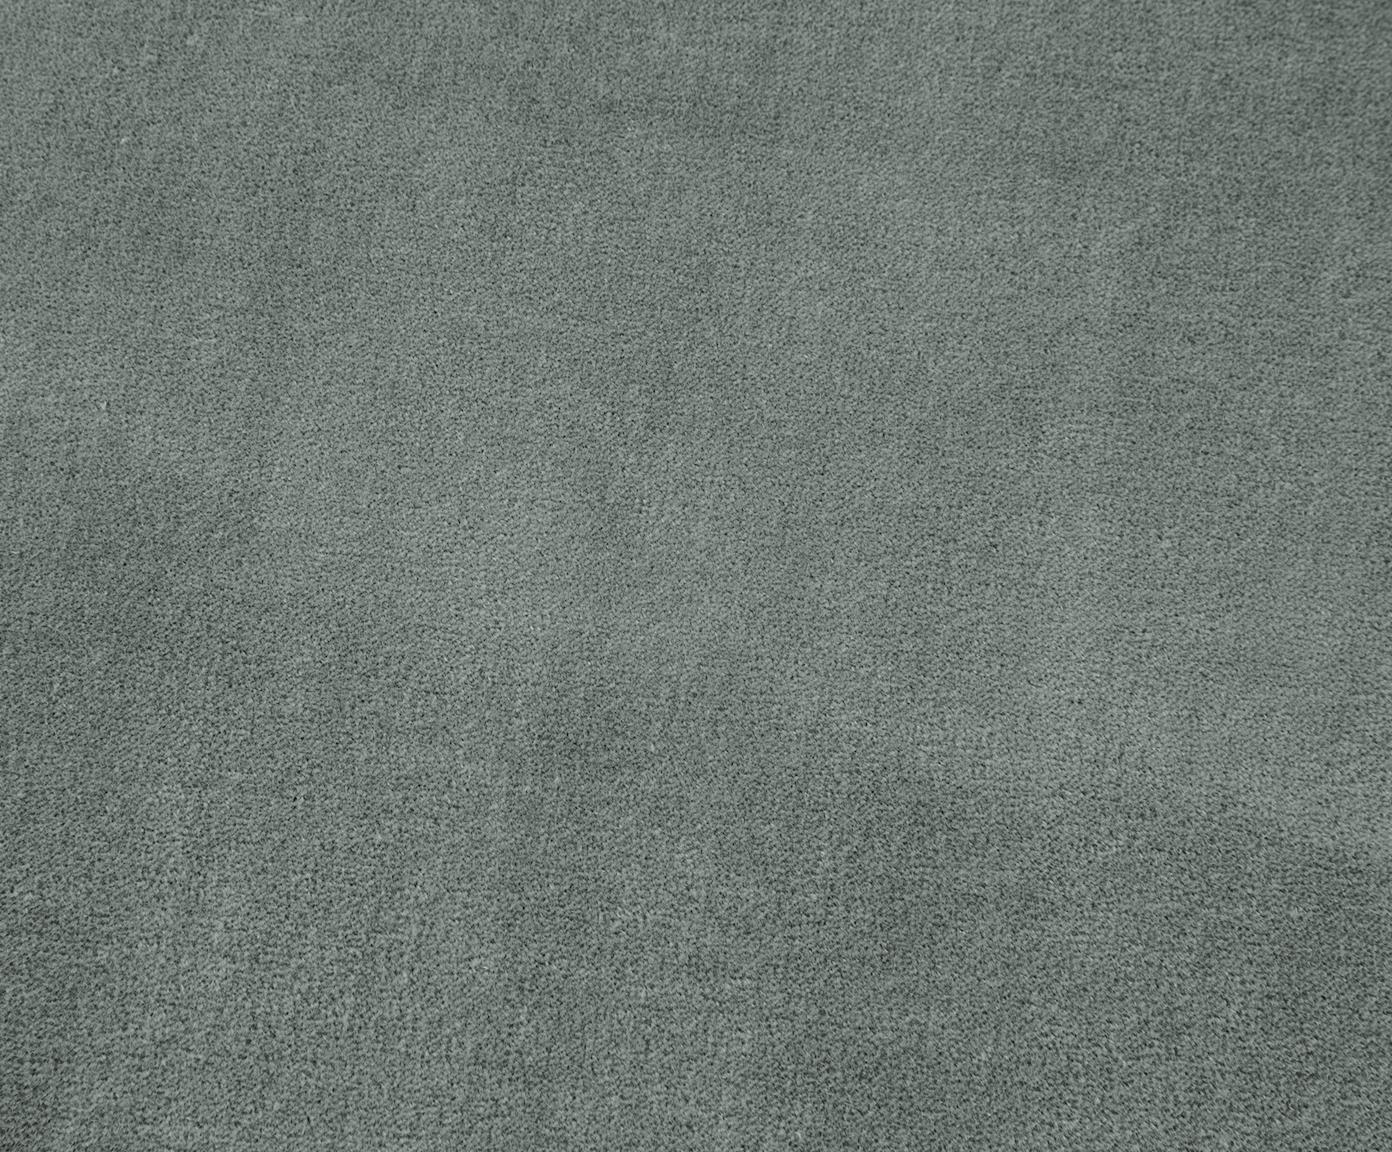 Poef met franjes Adriana, Bekleding: katoen fluweel, Franjes: viscose, Onderzijde: katoen, Saliegroen, ∅ 40 x H 40 cm